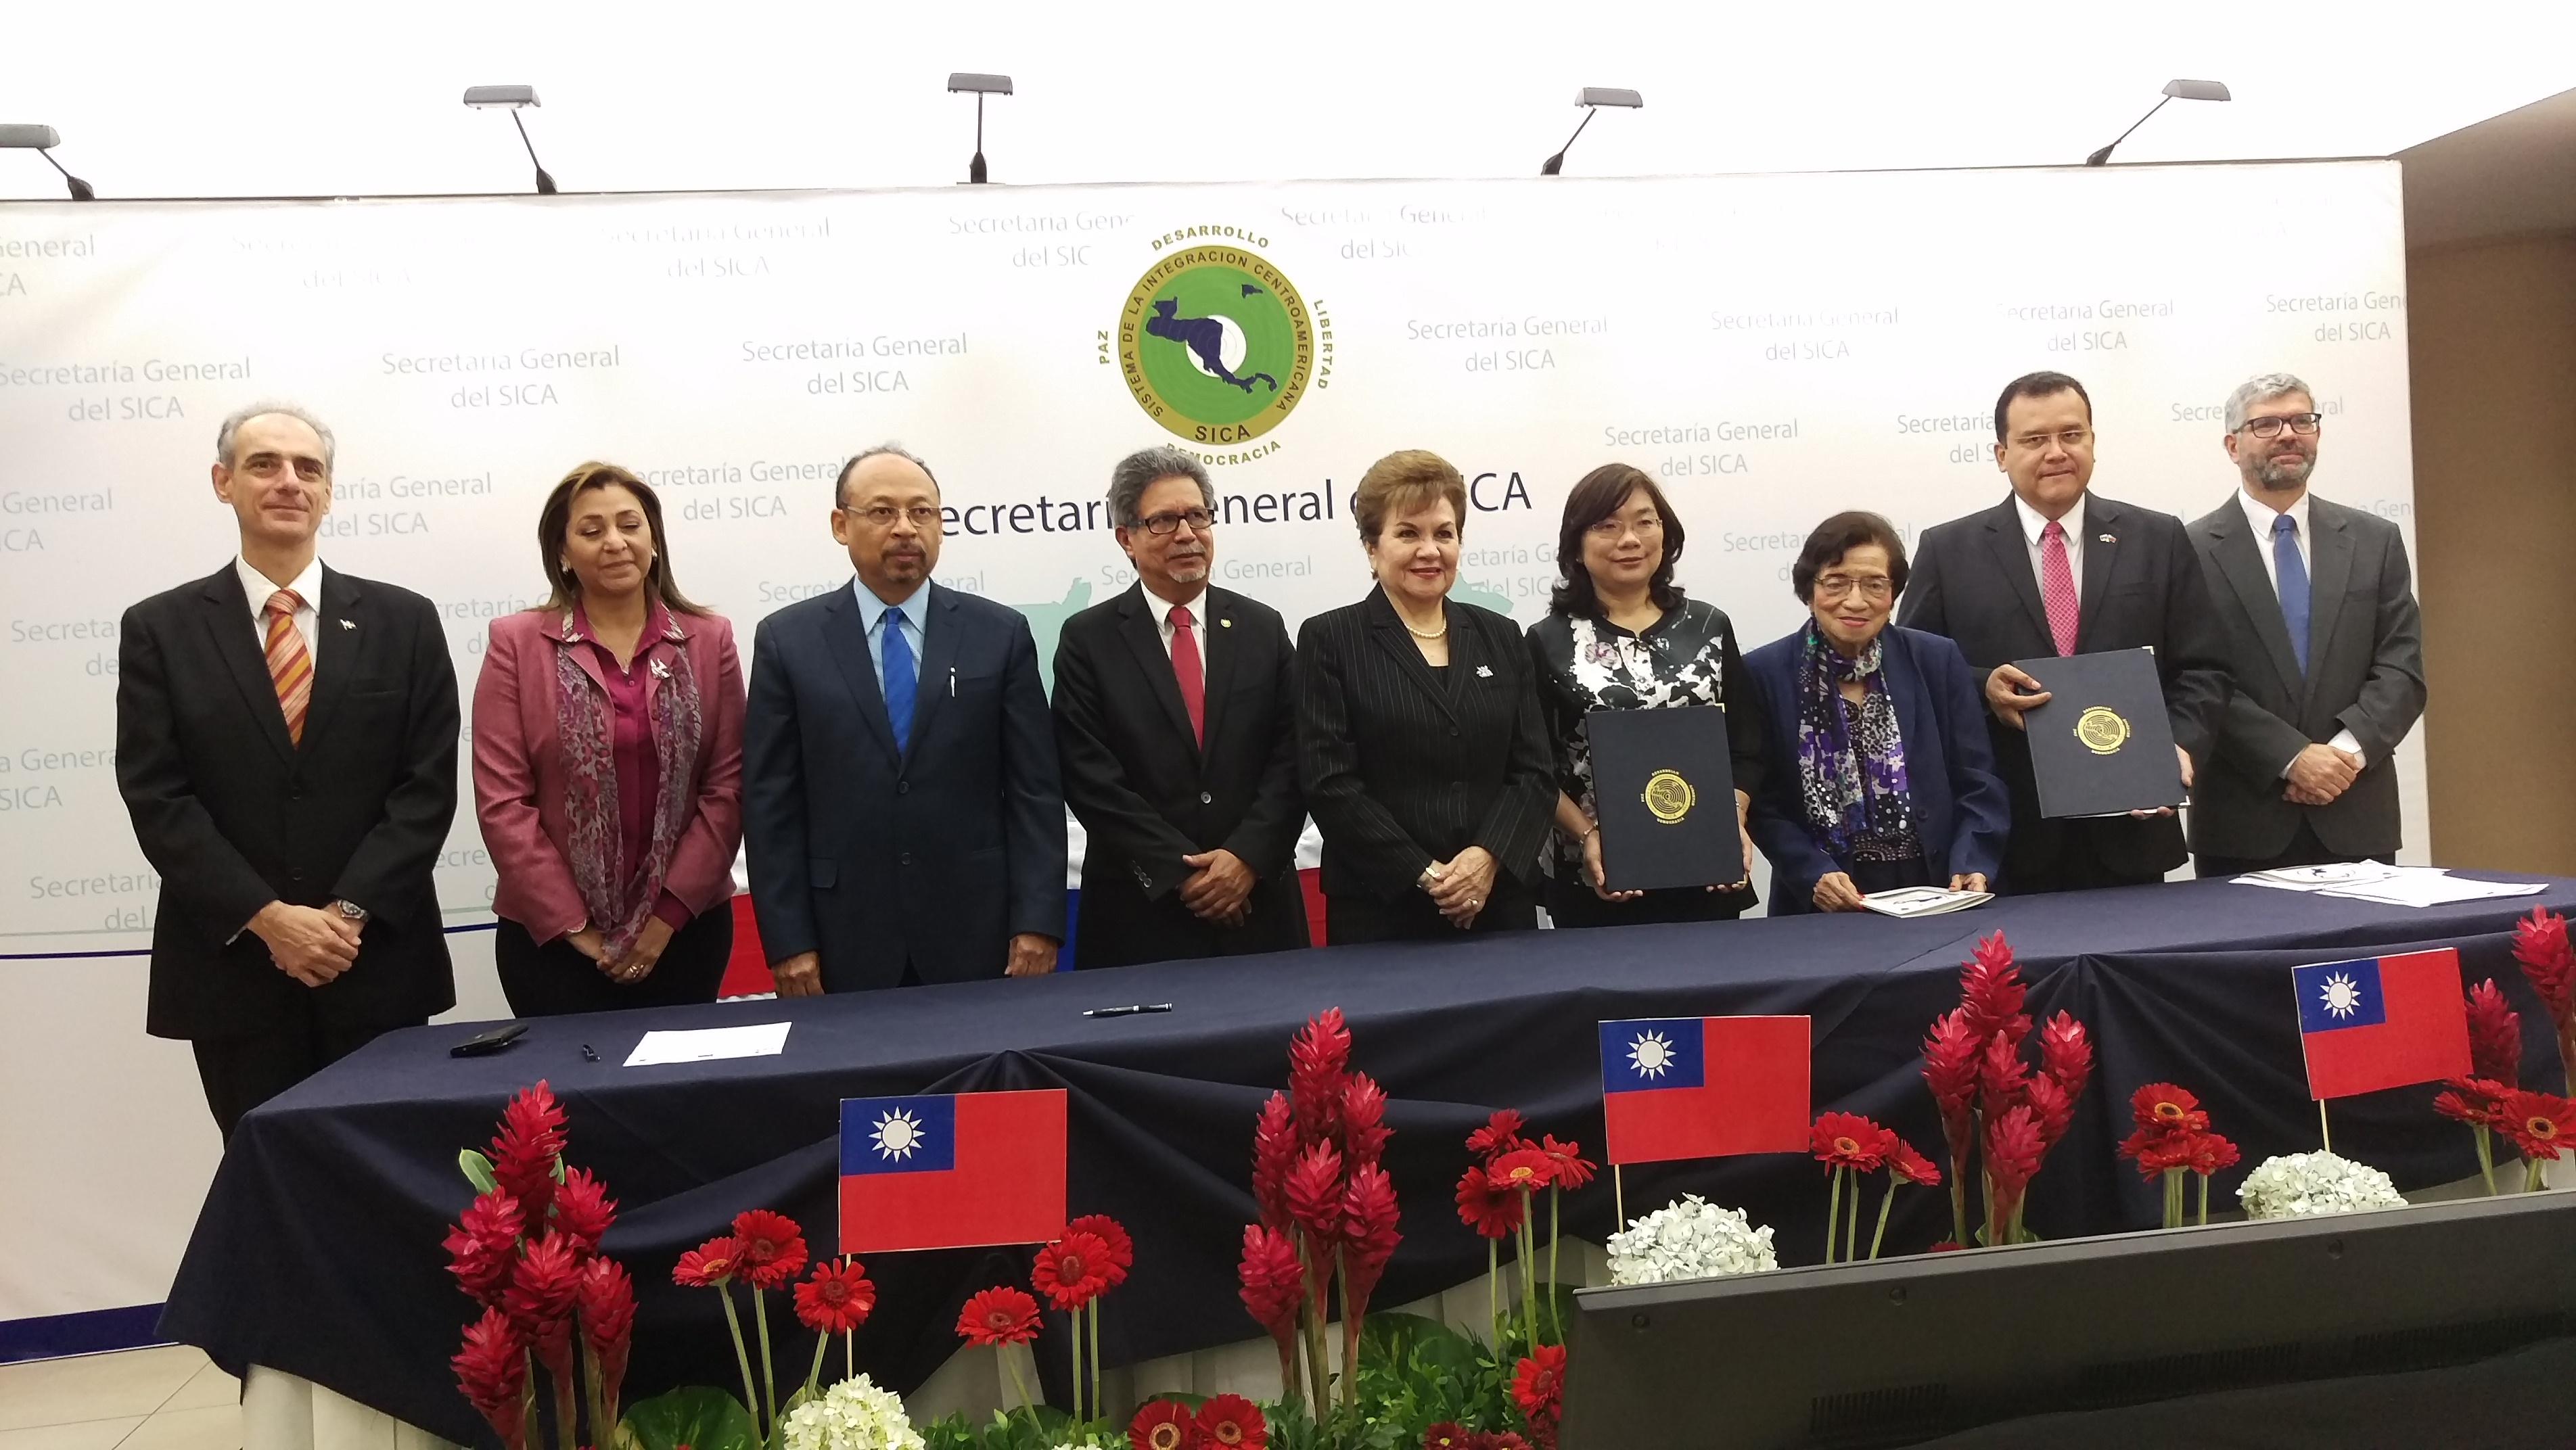 Taiwán realiza donación de fondo para fortalecimiento de programas de salud del SICA